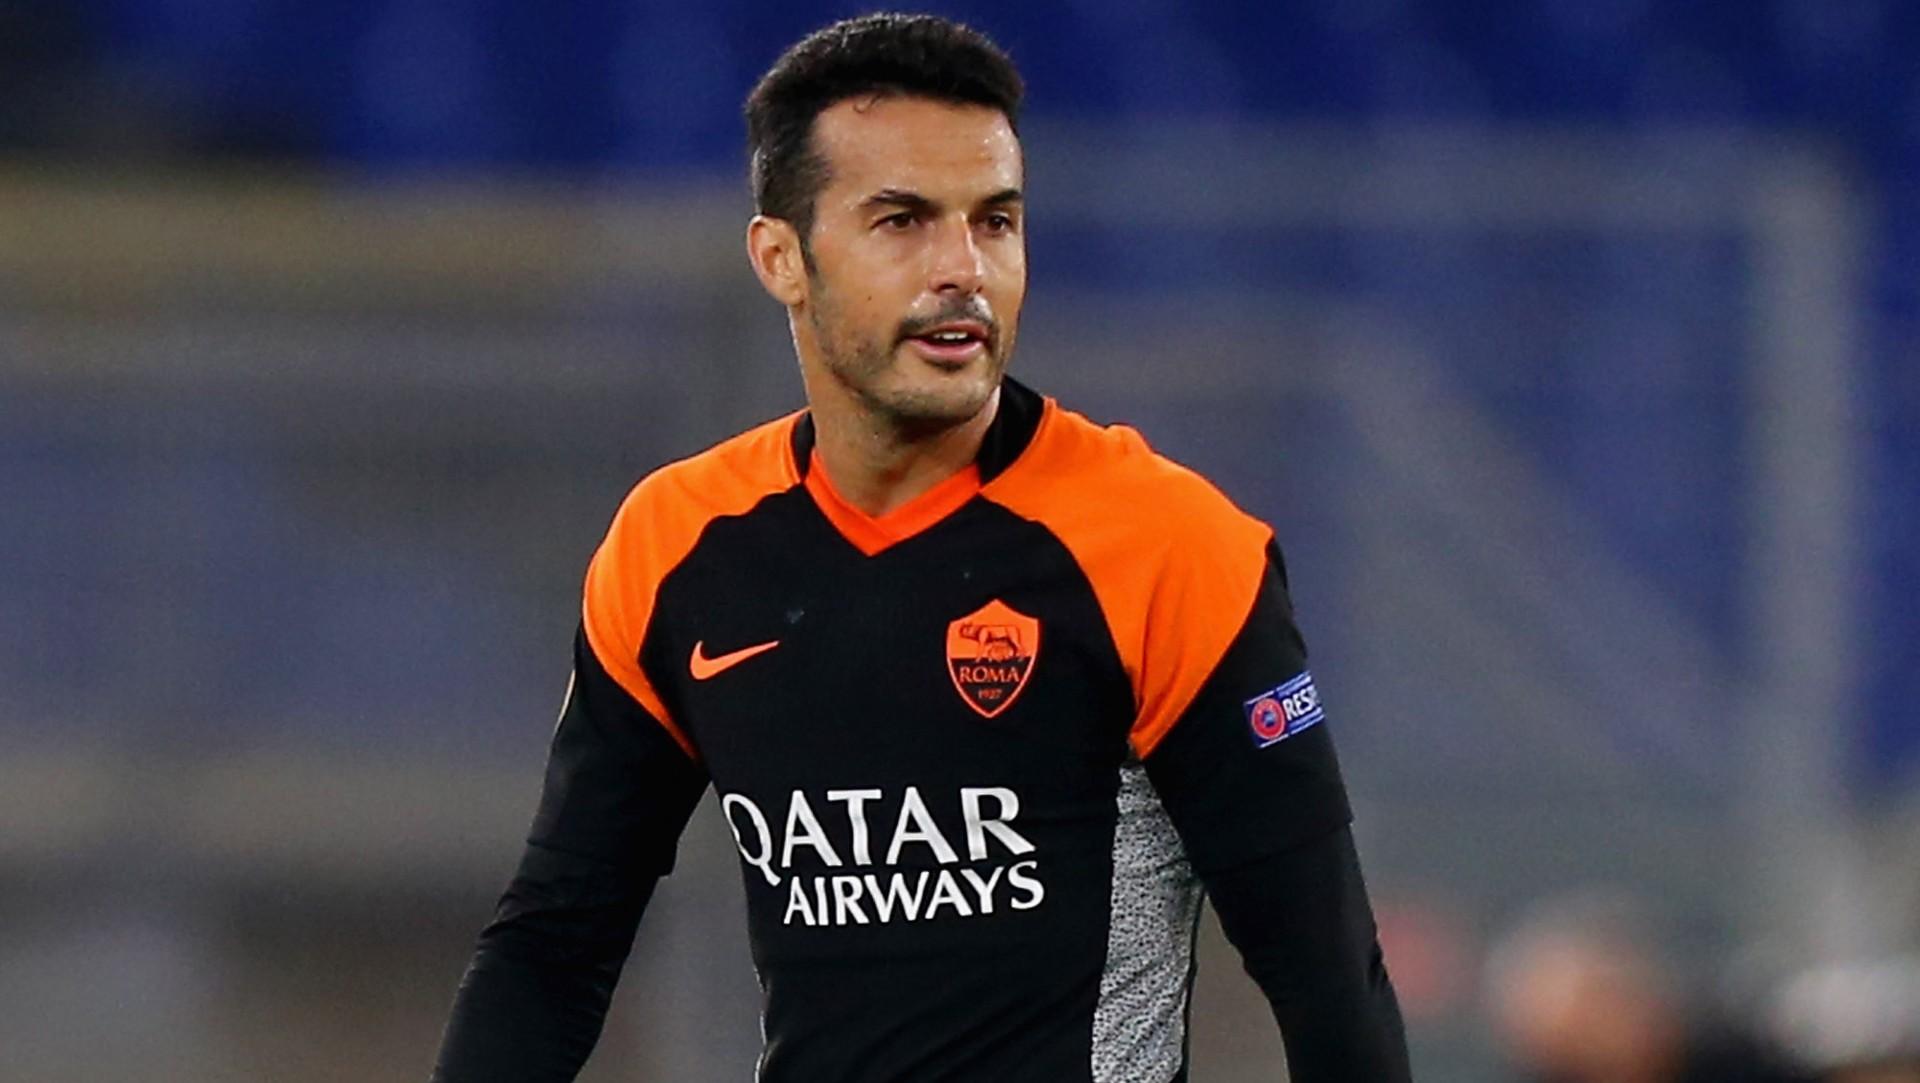 Roma-Genoa, le formazioni ufficiali: El Shaarawy e Pedro titolari